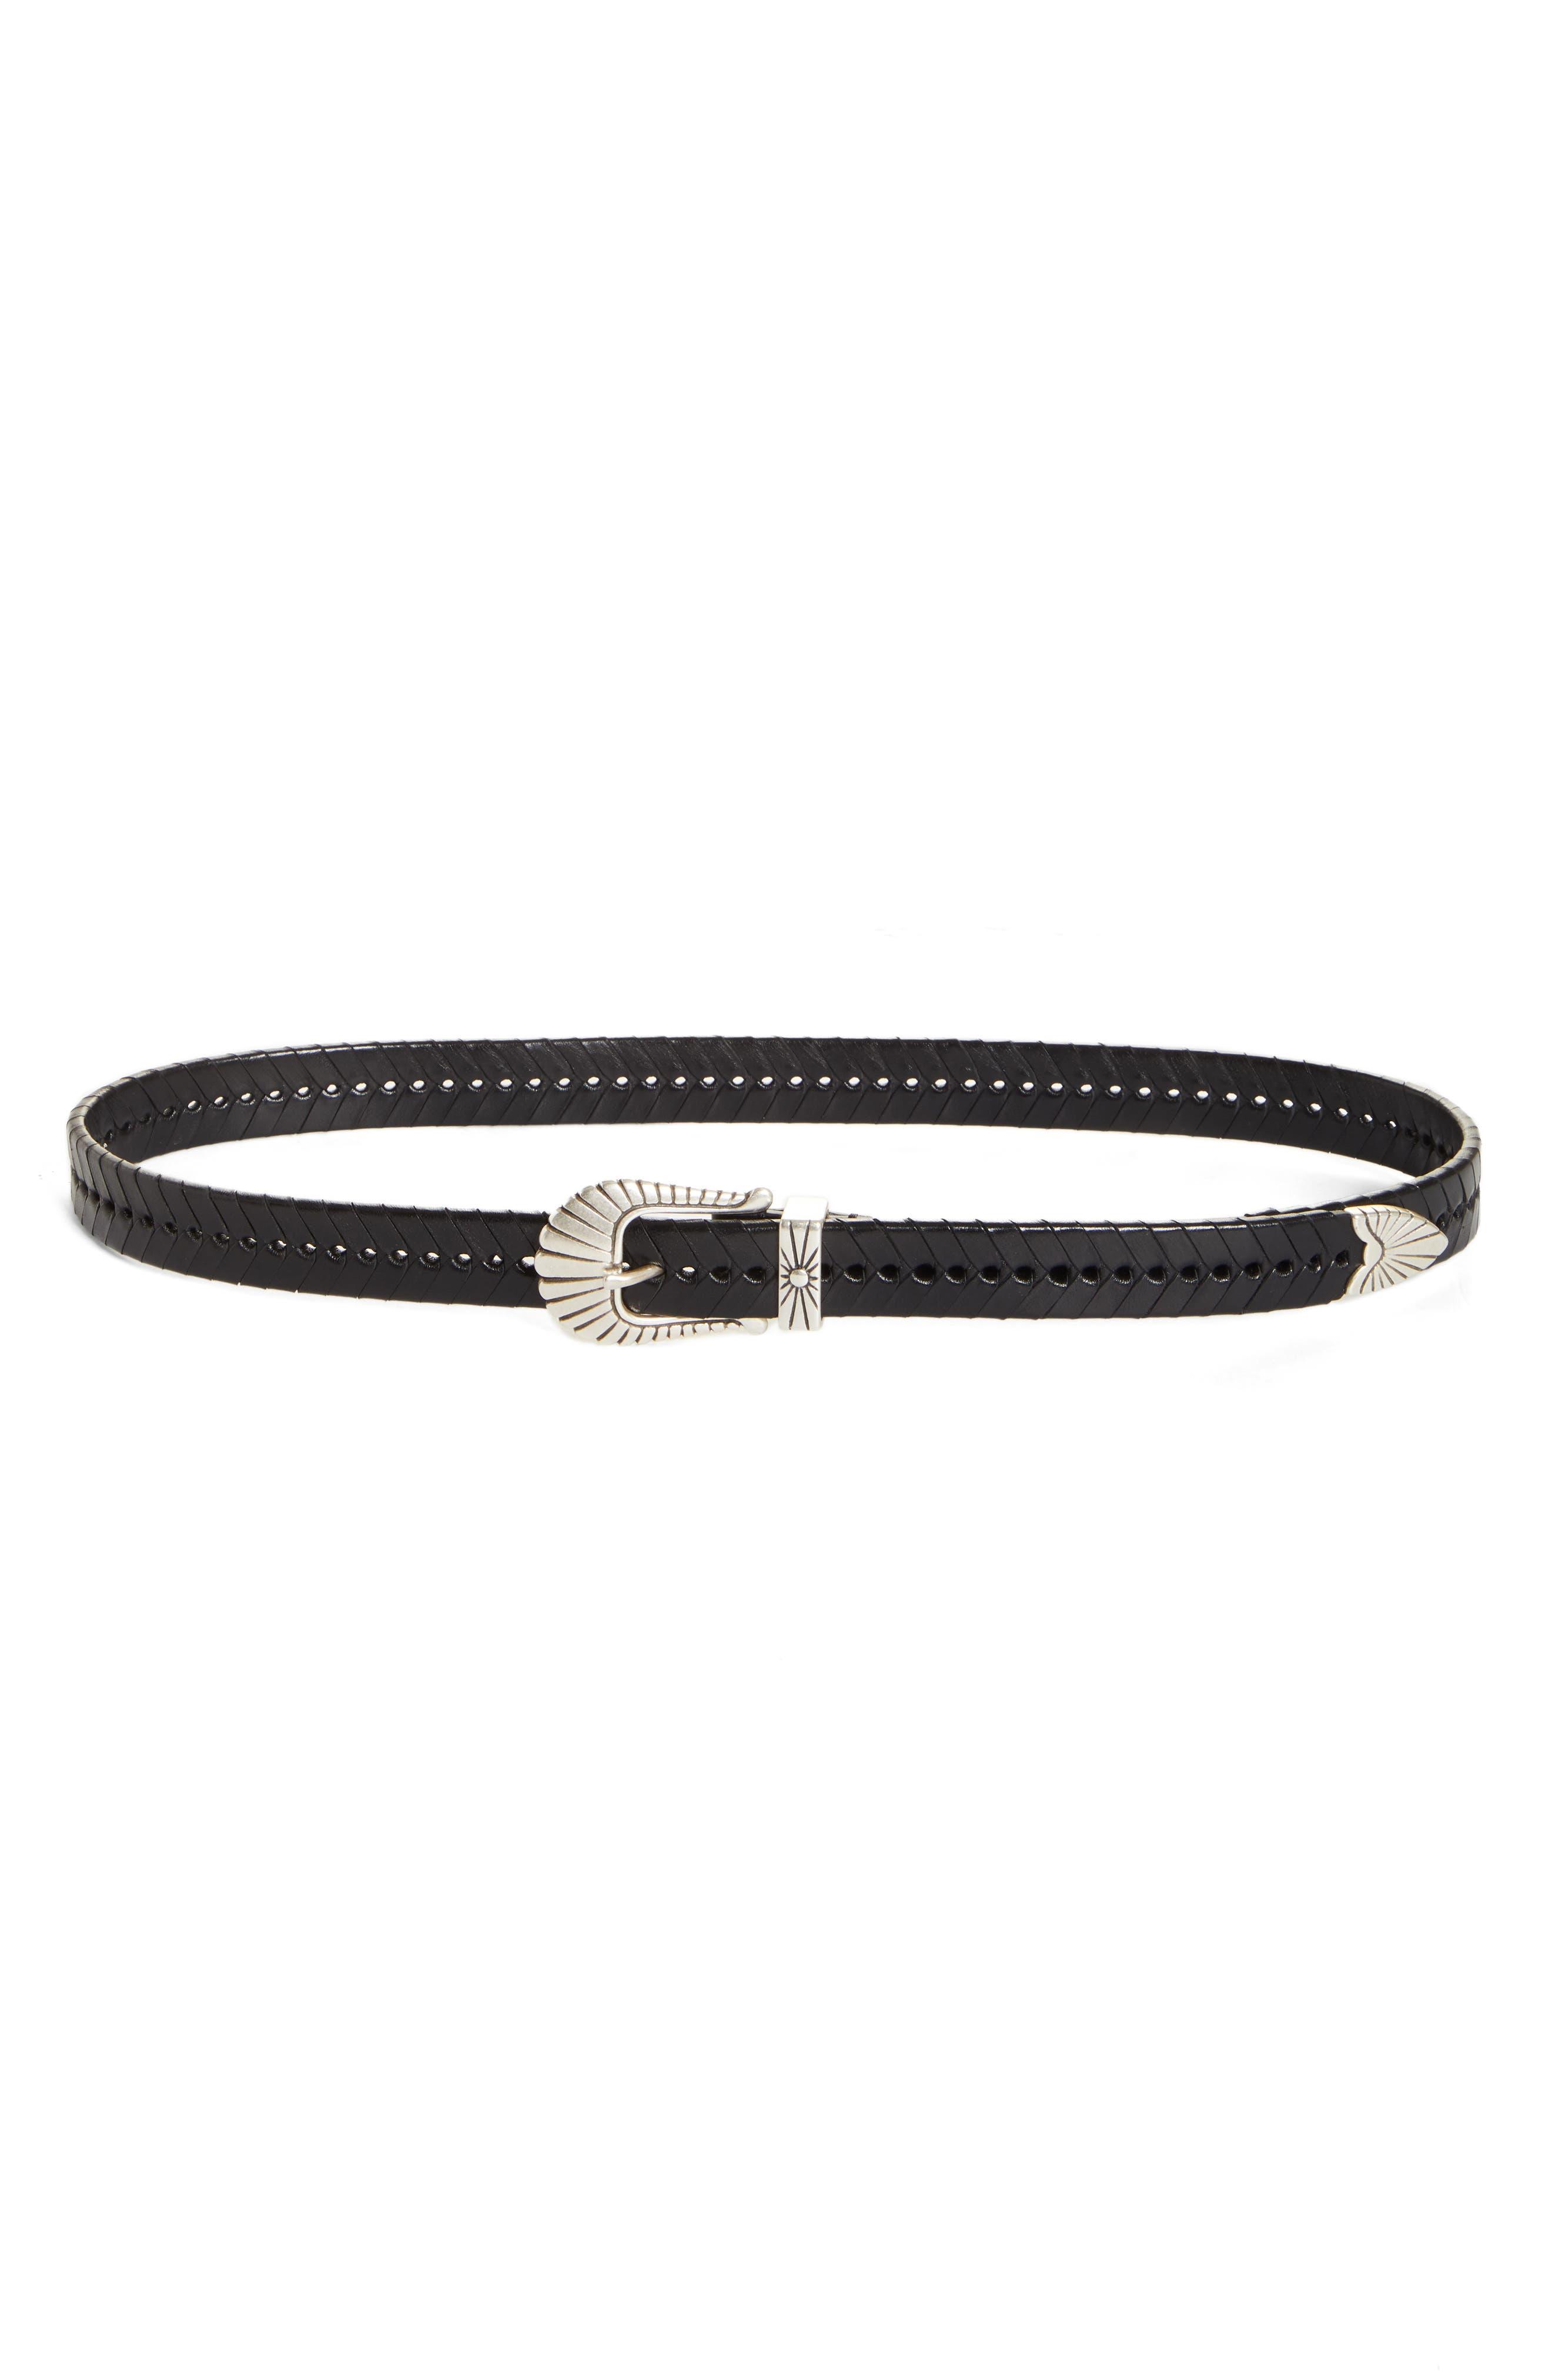 Isabel Marant Braided Leather Belt, Black